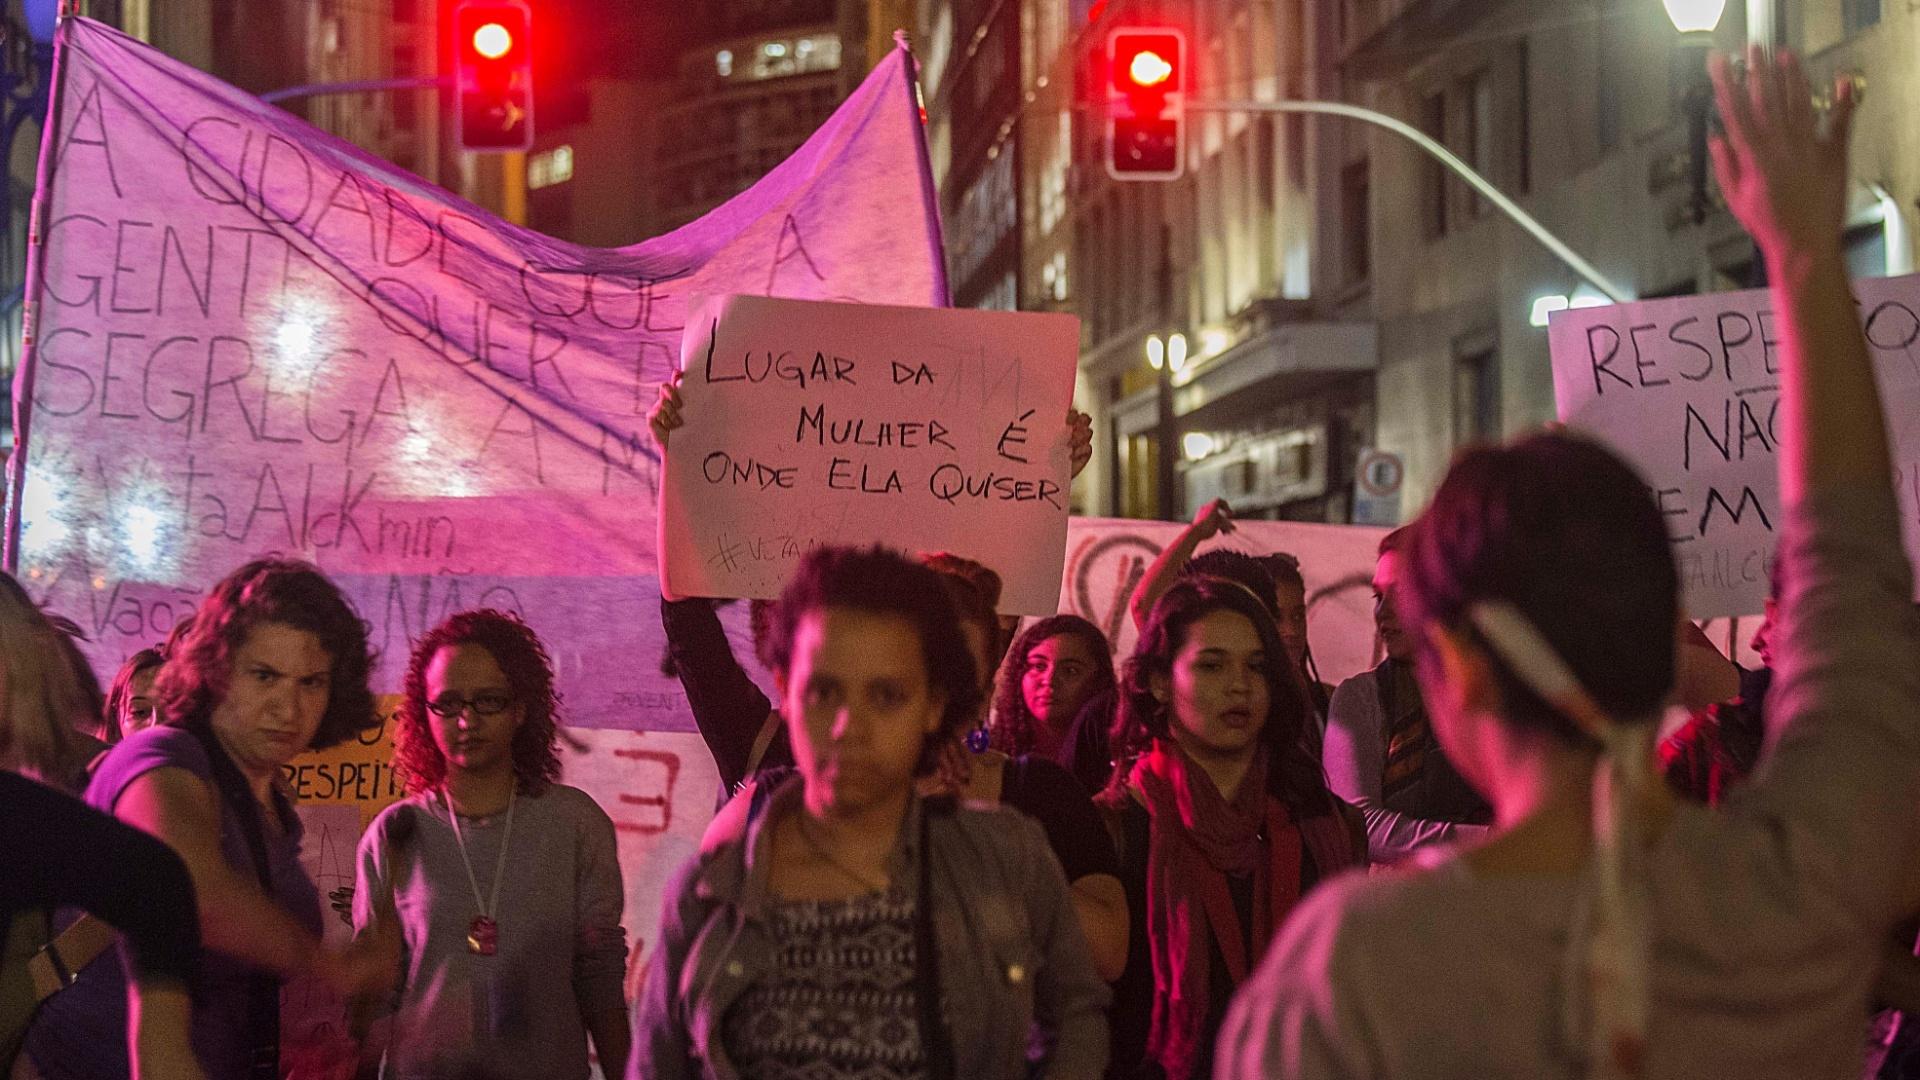 23.jul.2014 - Manifestante ergue cartaz ato unificado contra o